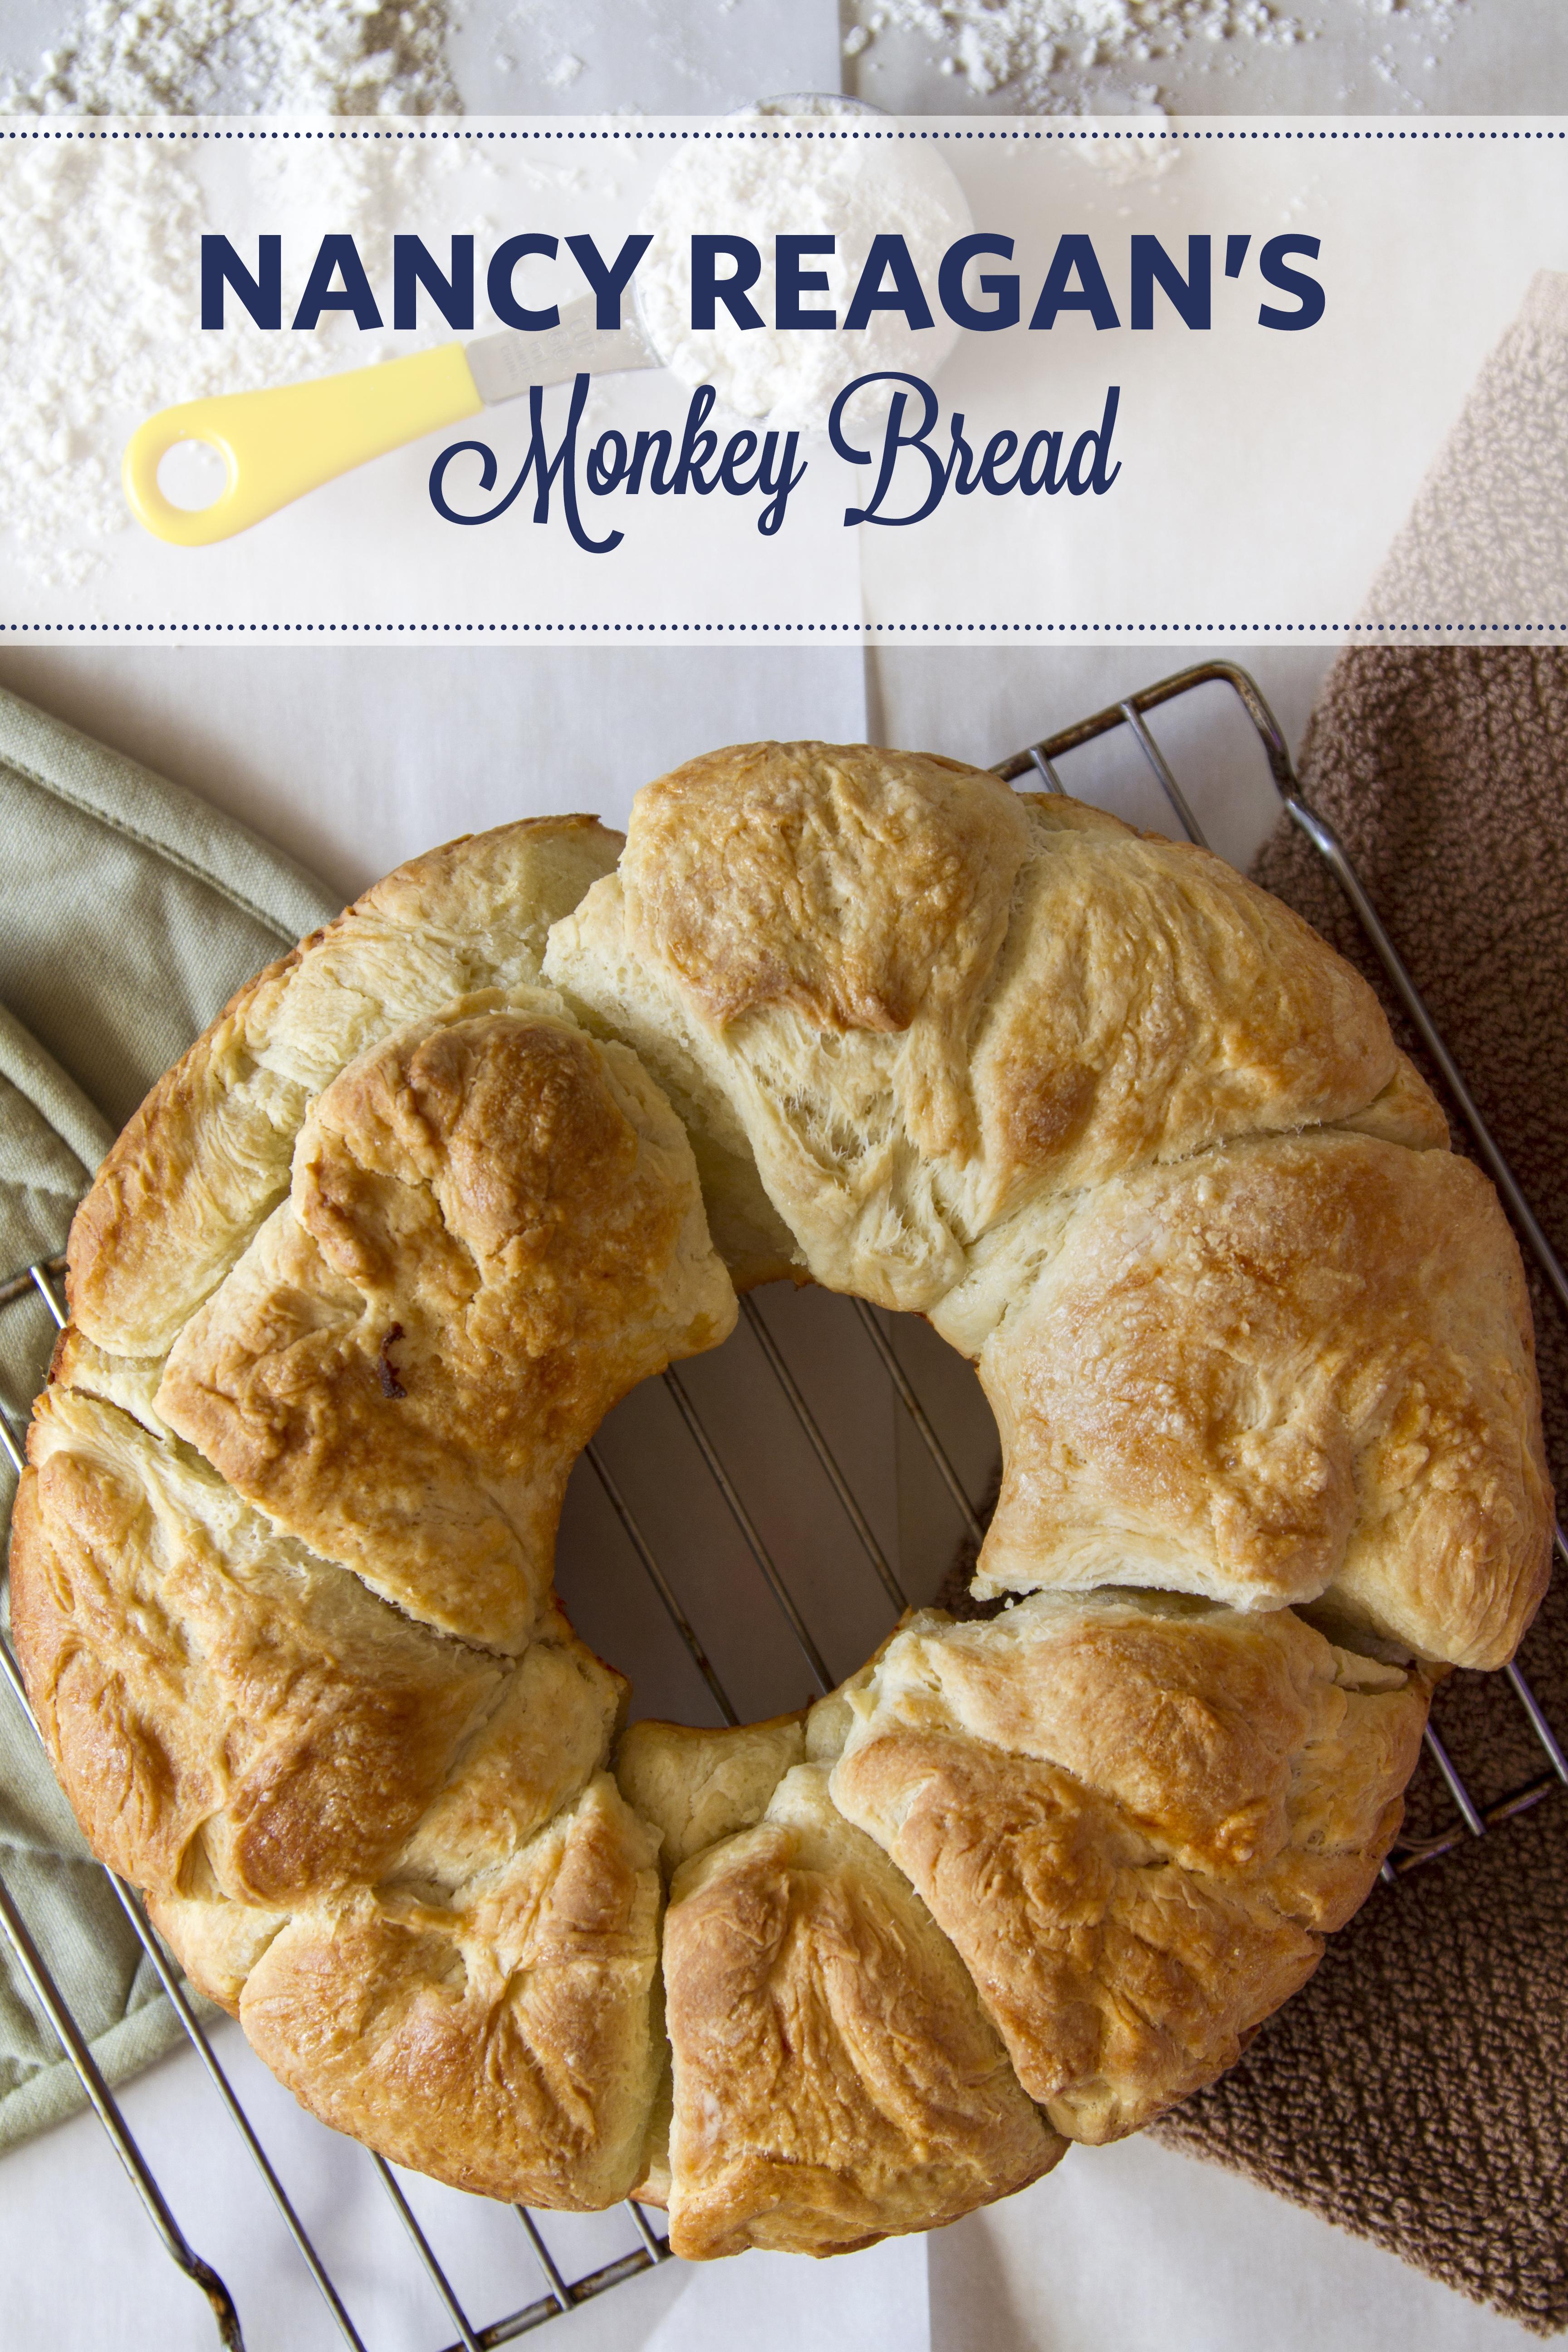 Nancy Reagan's Monkey Bread